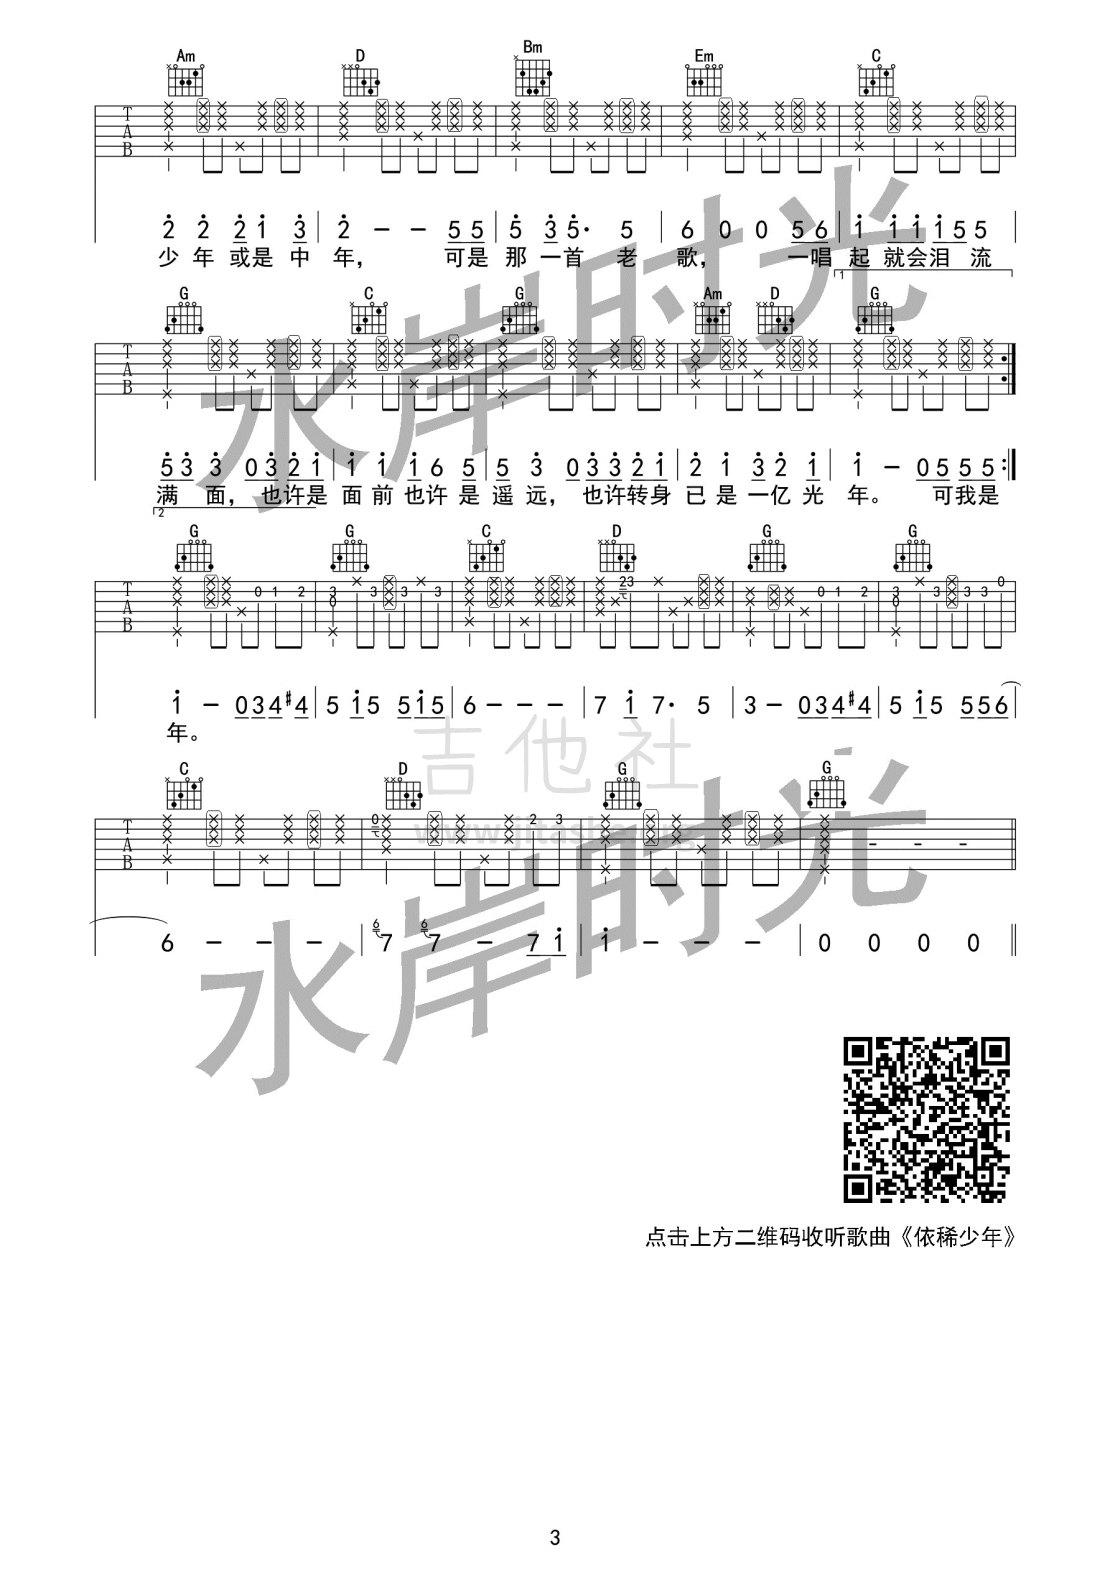 依稀少年吉他谱(图片谱,弹唱,木吉他,简单版)_水岸_依稀少年(弹唱版)03.jpg